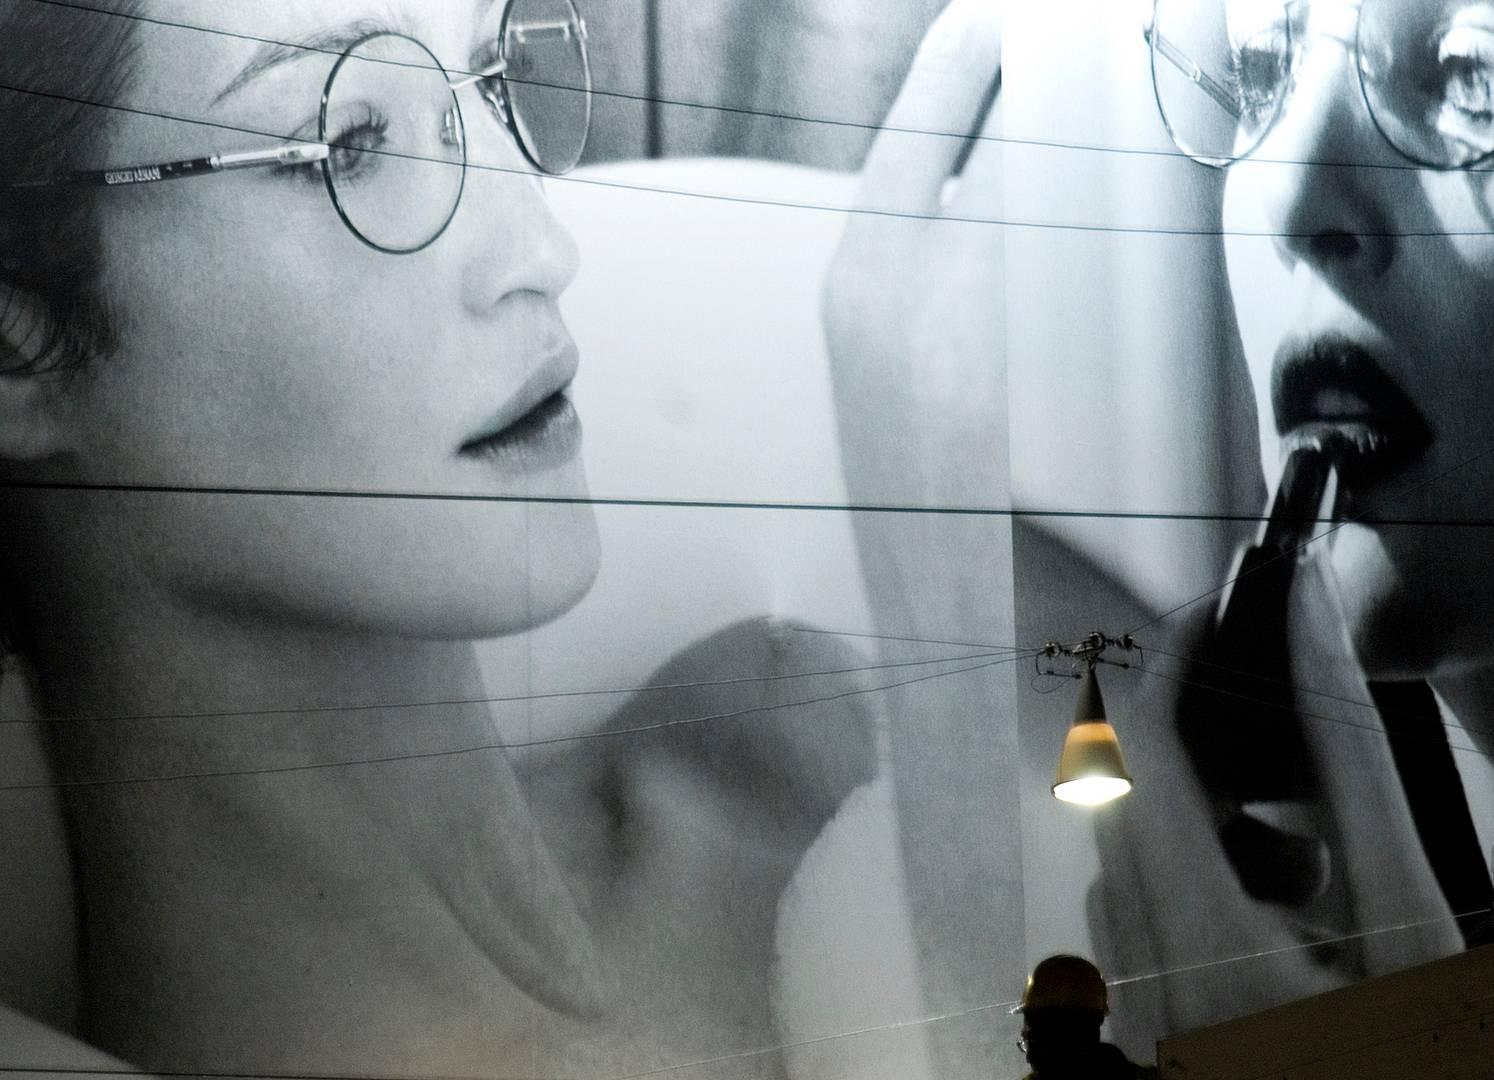 """Mostra online di Stefano Spedicato """"Graffiti intorno a noi"""" - 5. Letture"""